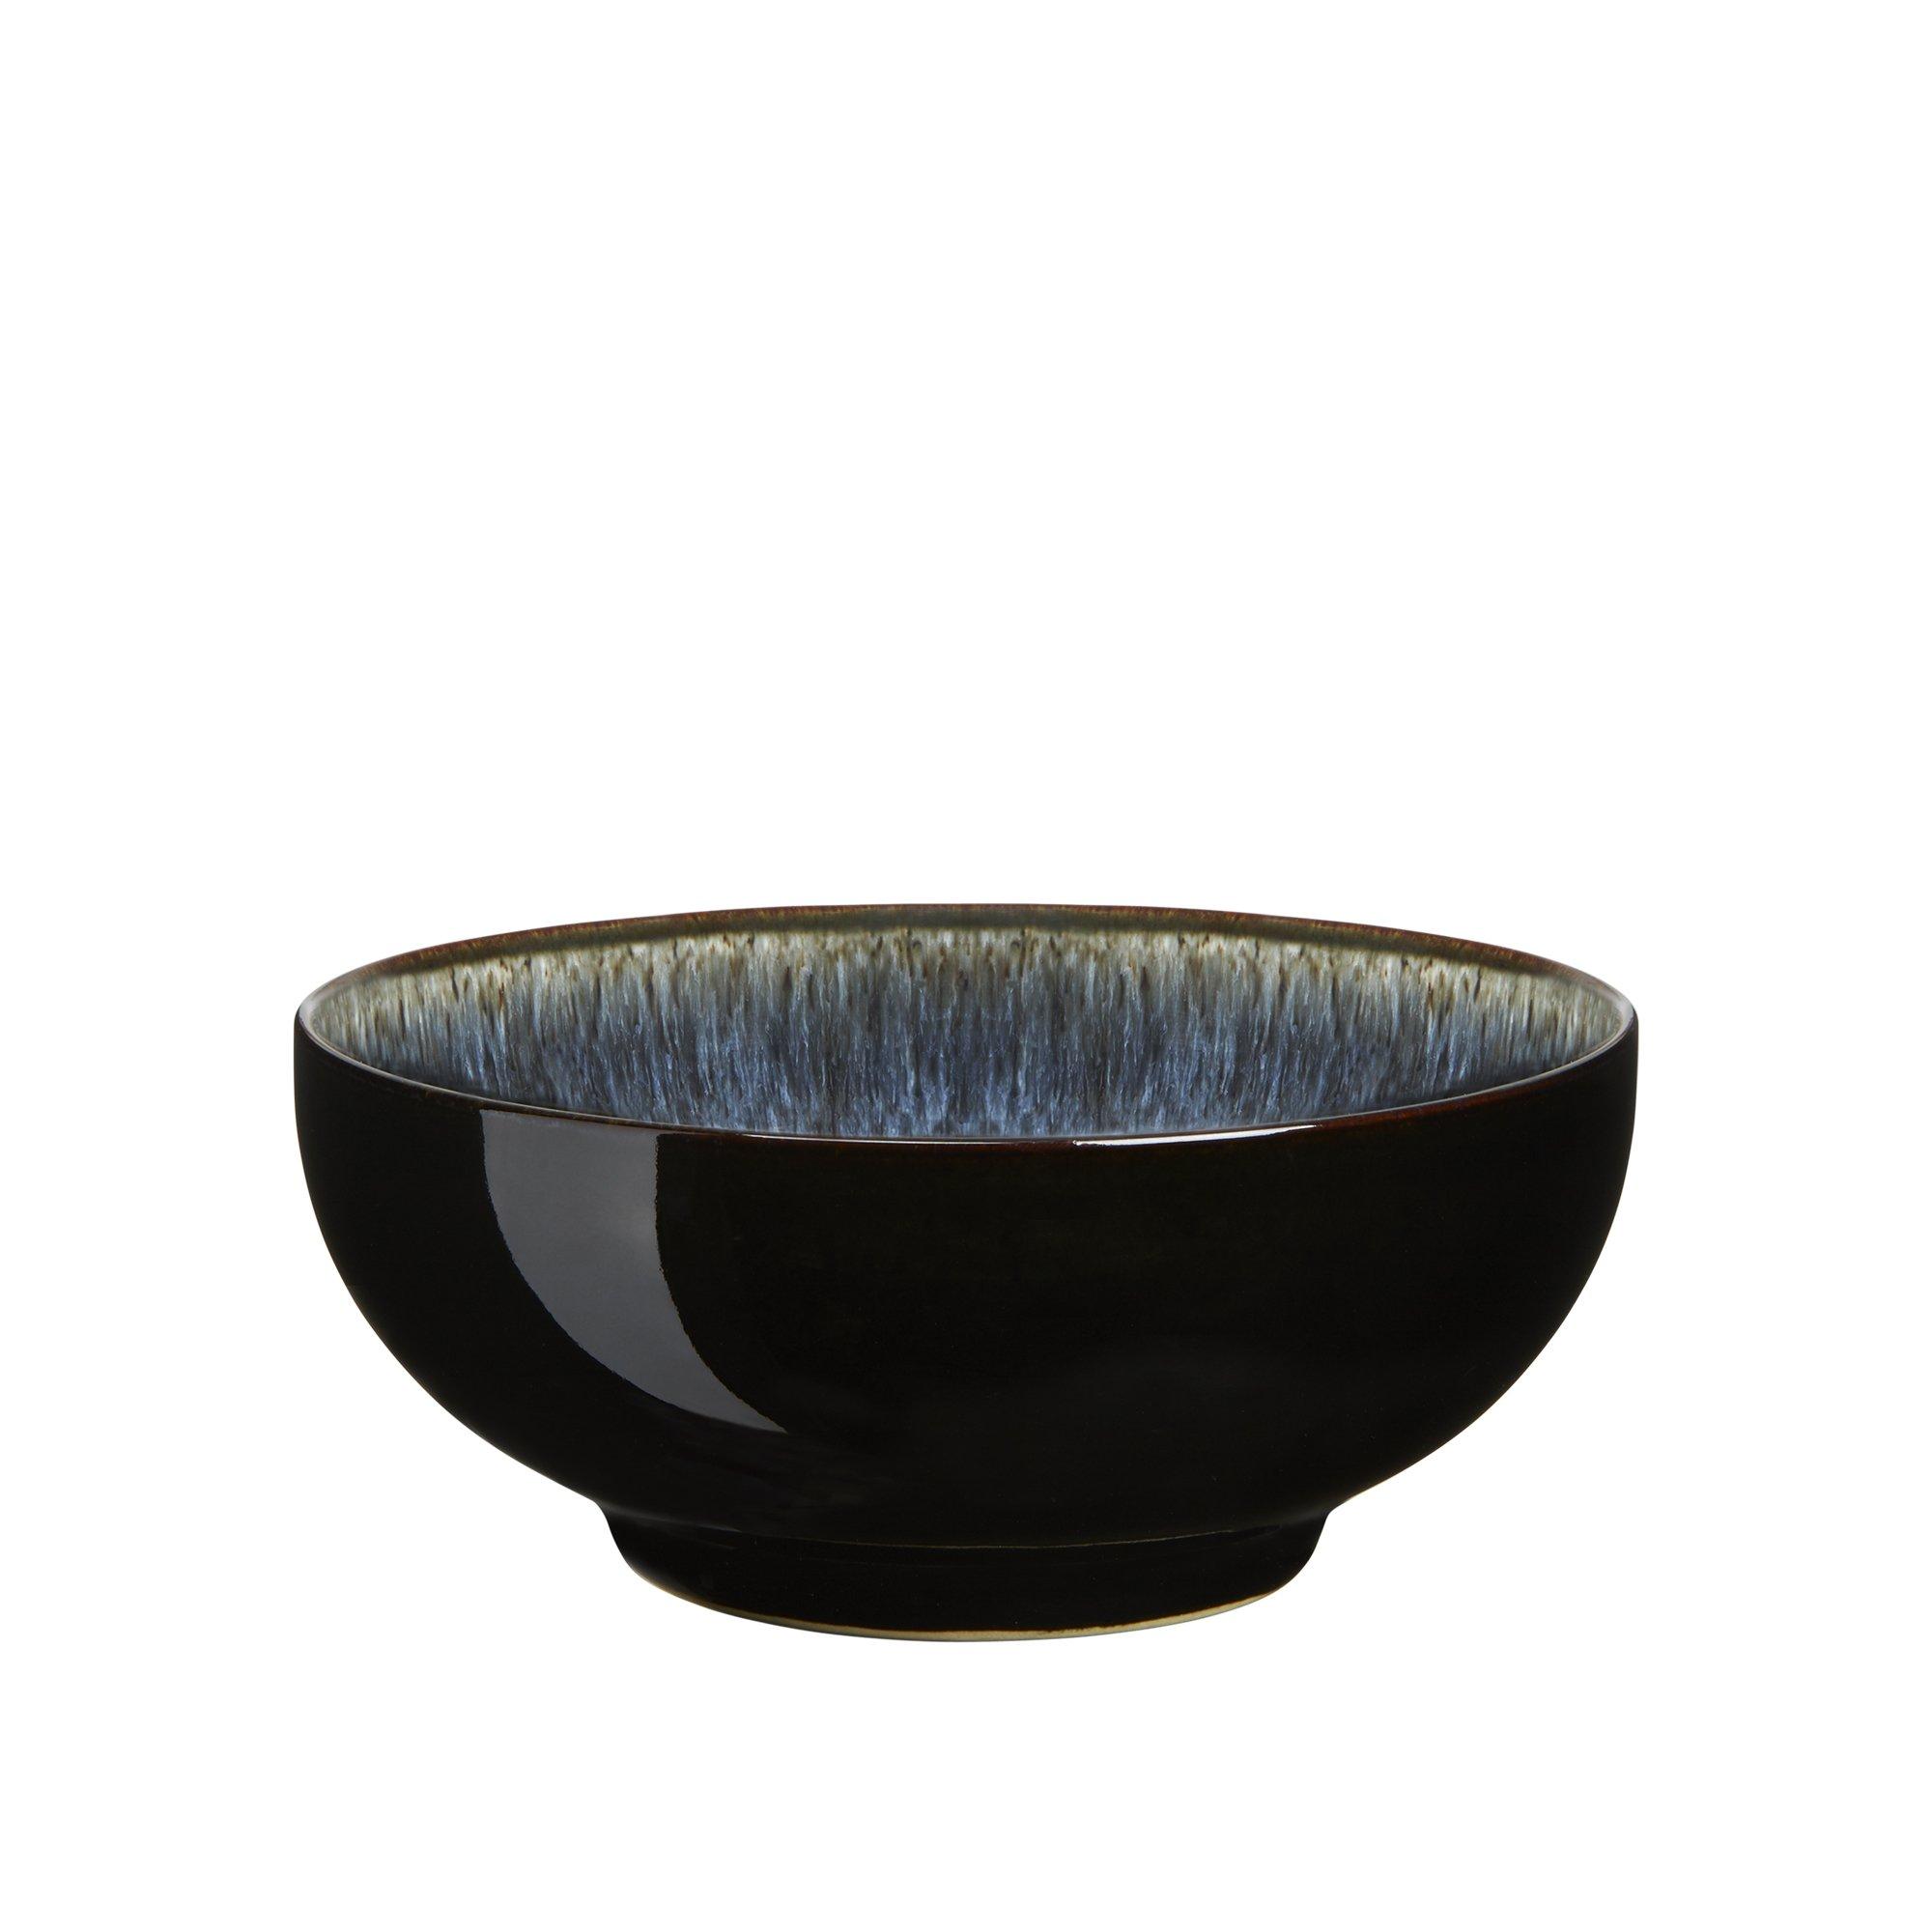 Denby Halo Soup/Cereal Bowl, Set of 4